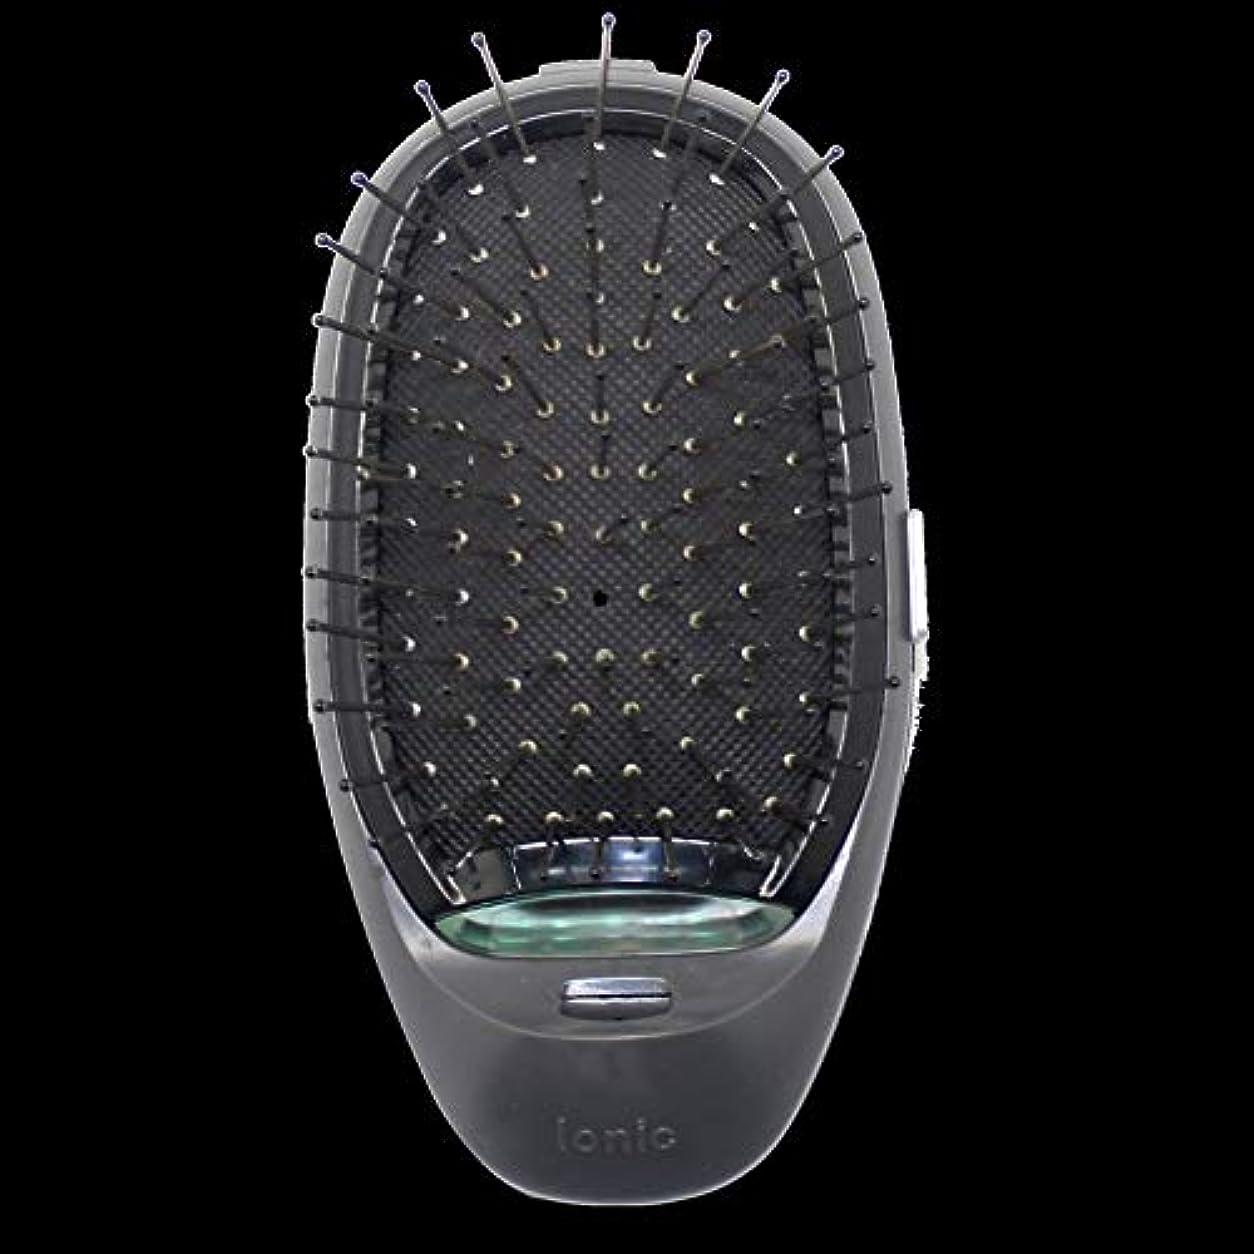 経過極めて重要な強制的電動マッサージヘアブラシミニマイナスイオンヘアコム3Dインフレータブルコーム帯電防止ガールズヘアブラシ電池式 - ブラック